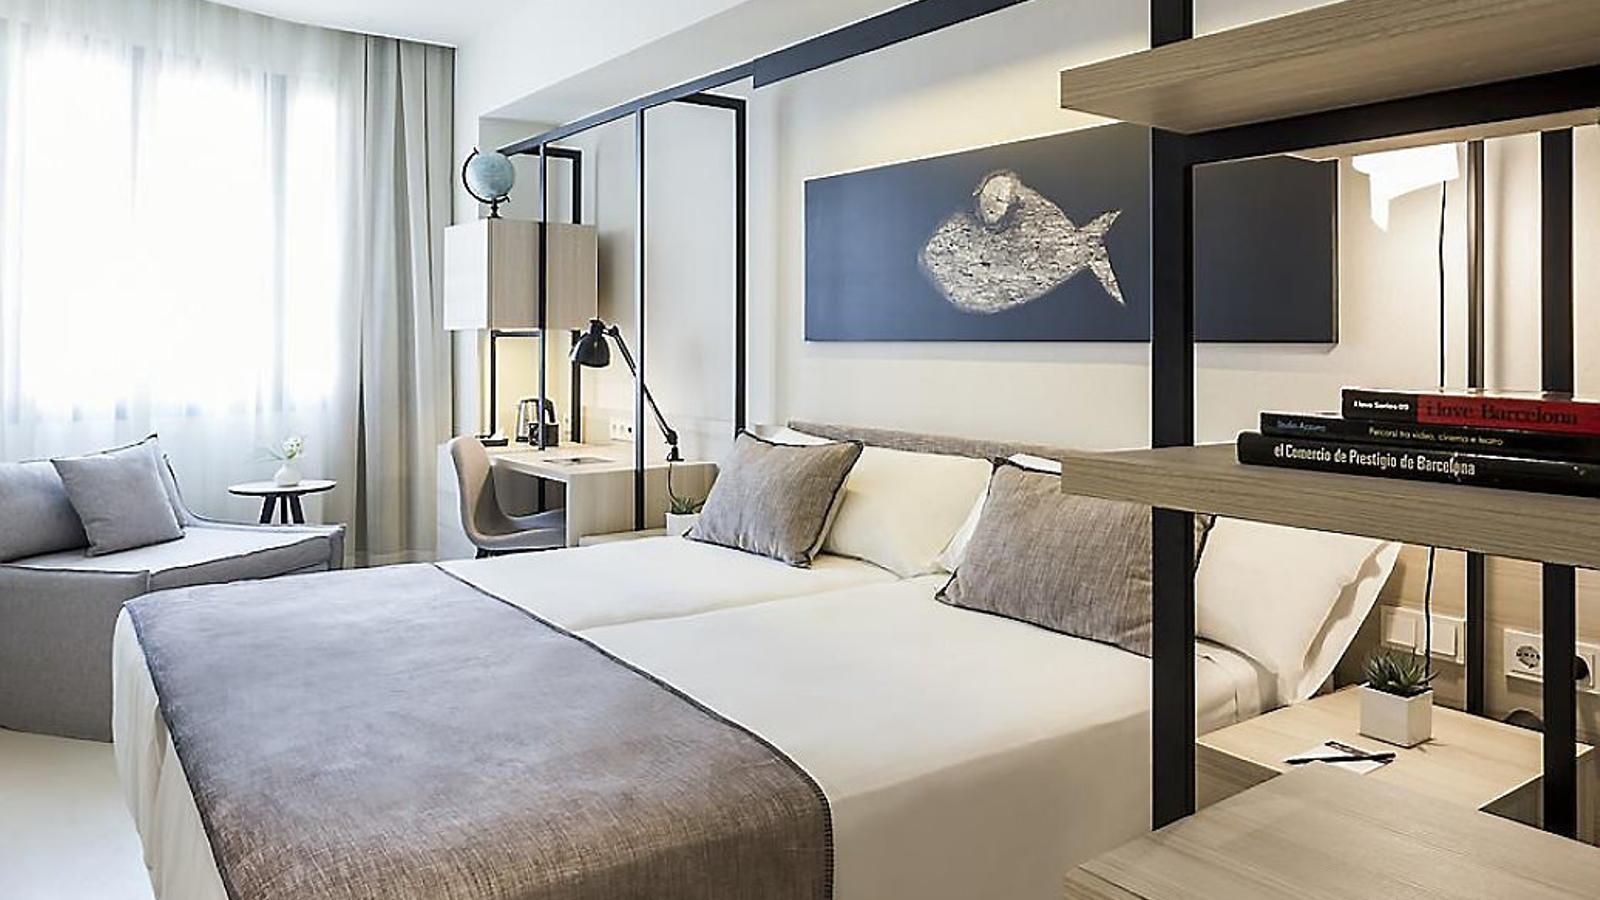 Un país per confinar-s'hi Hotel Denit Dormir a un minut  de la plaça Catalunya  és assequible i bonic